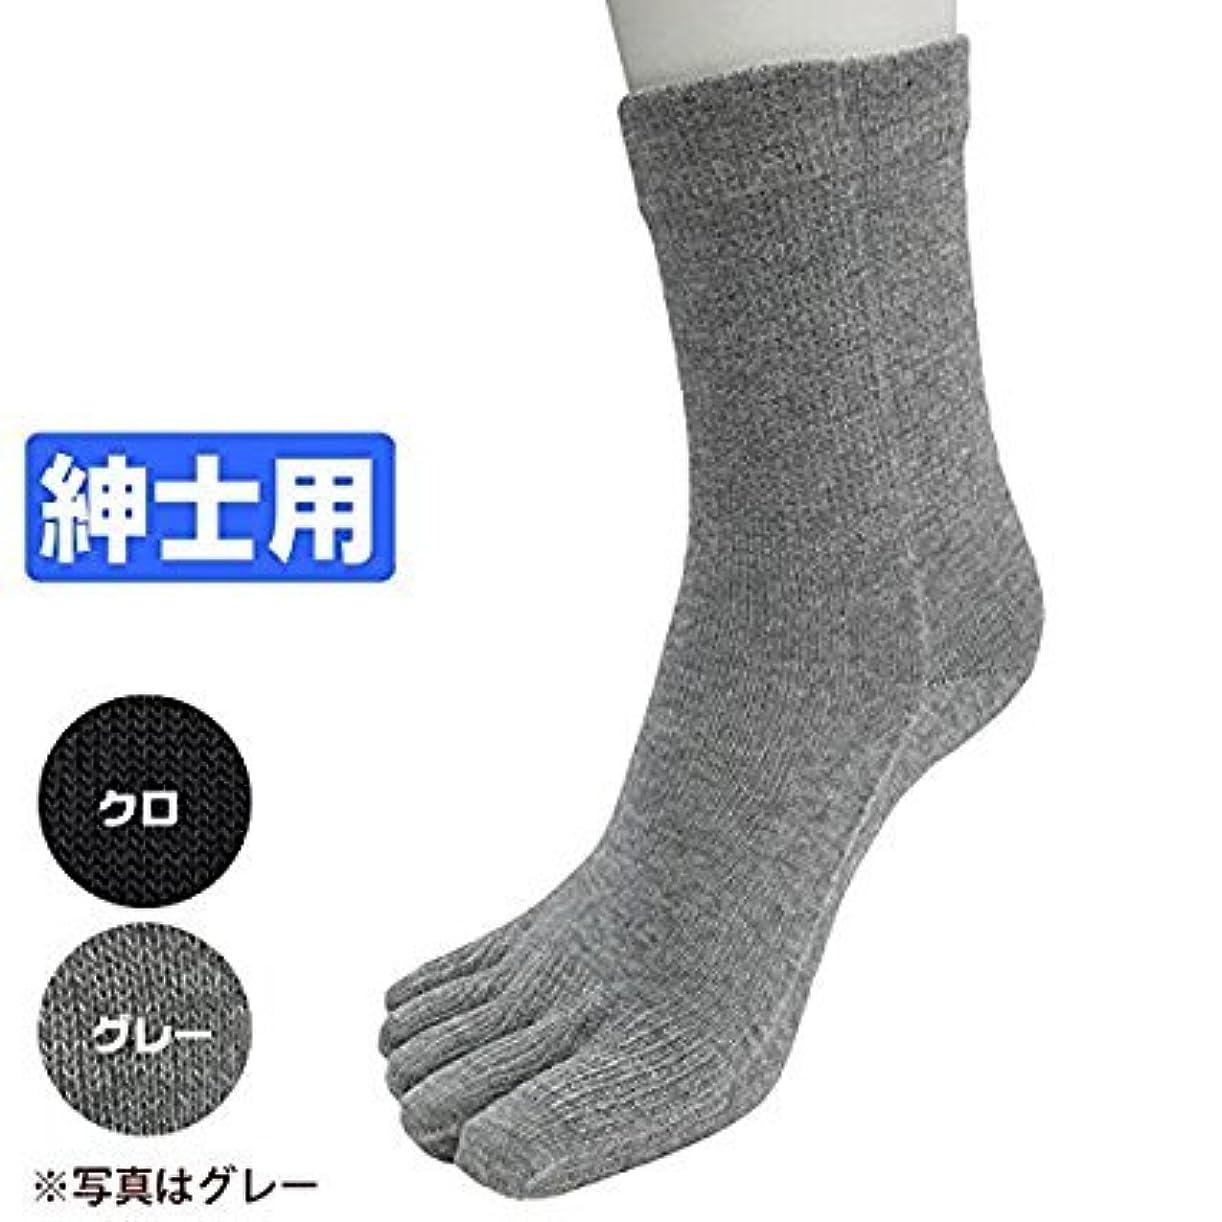 根絶する根絶する民兵ひだまり 5本指ソックス 紳士用 靴下[24~26cm]オールシーズンタイプ (グレー)